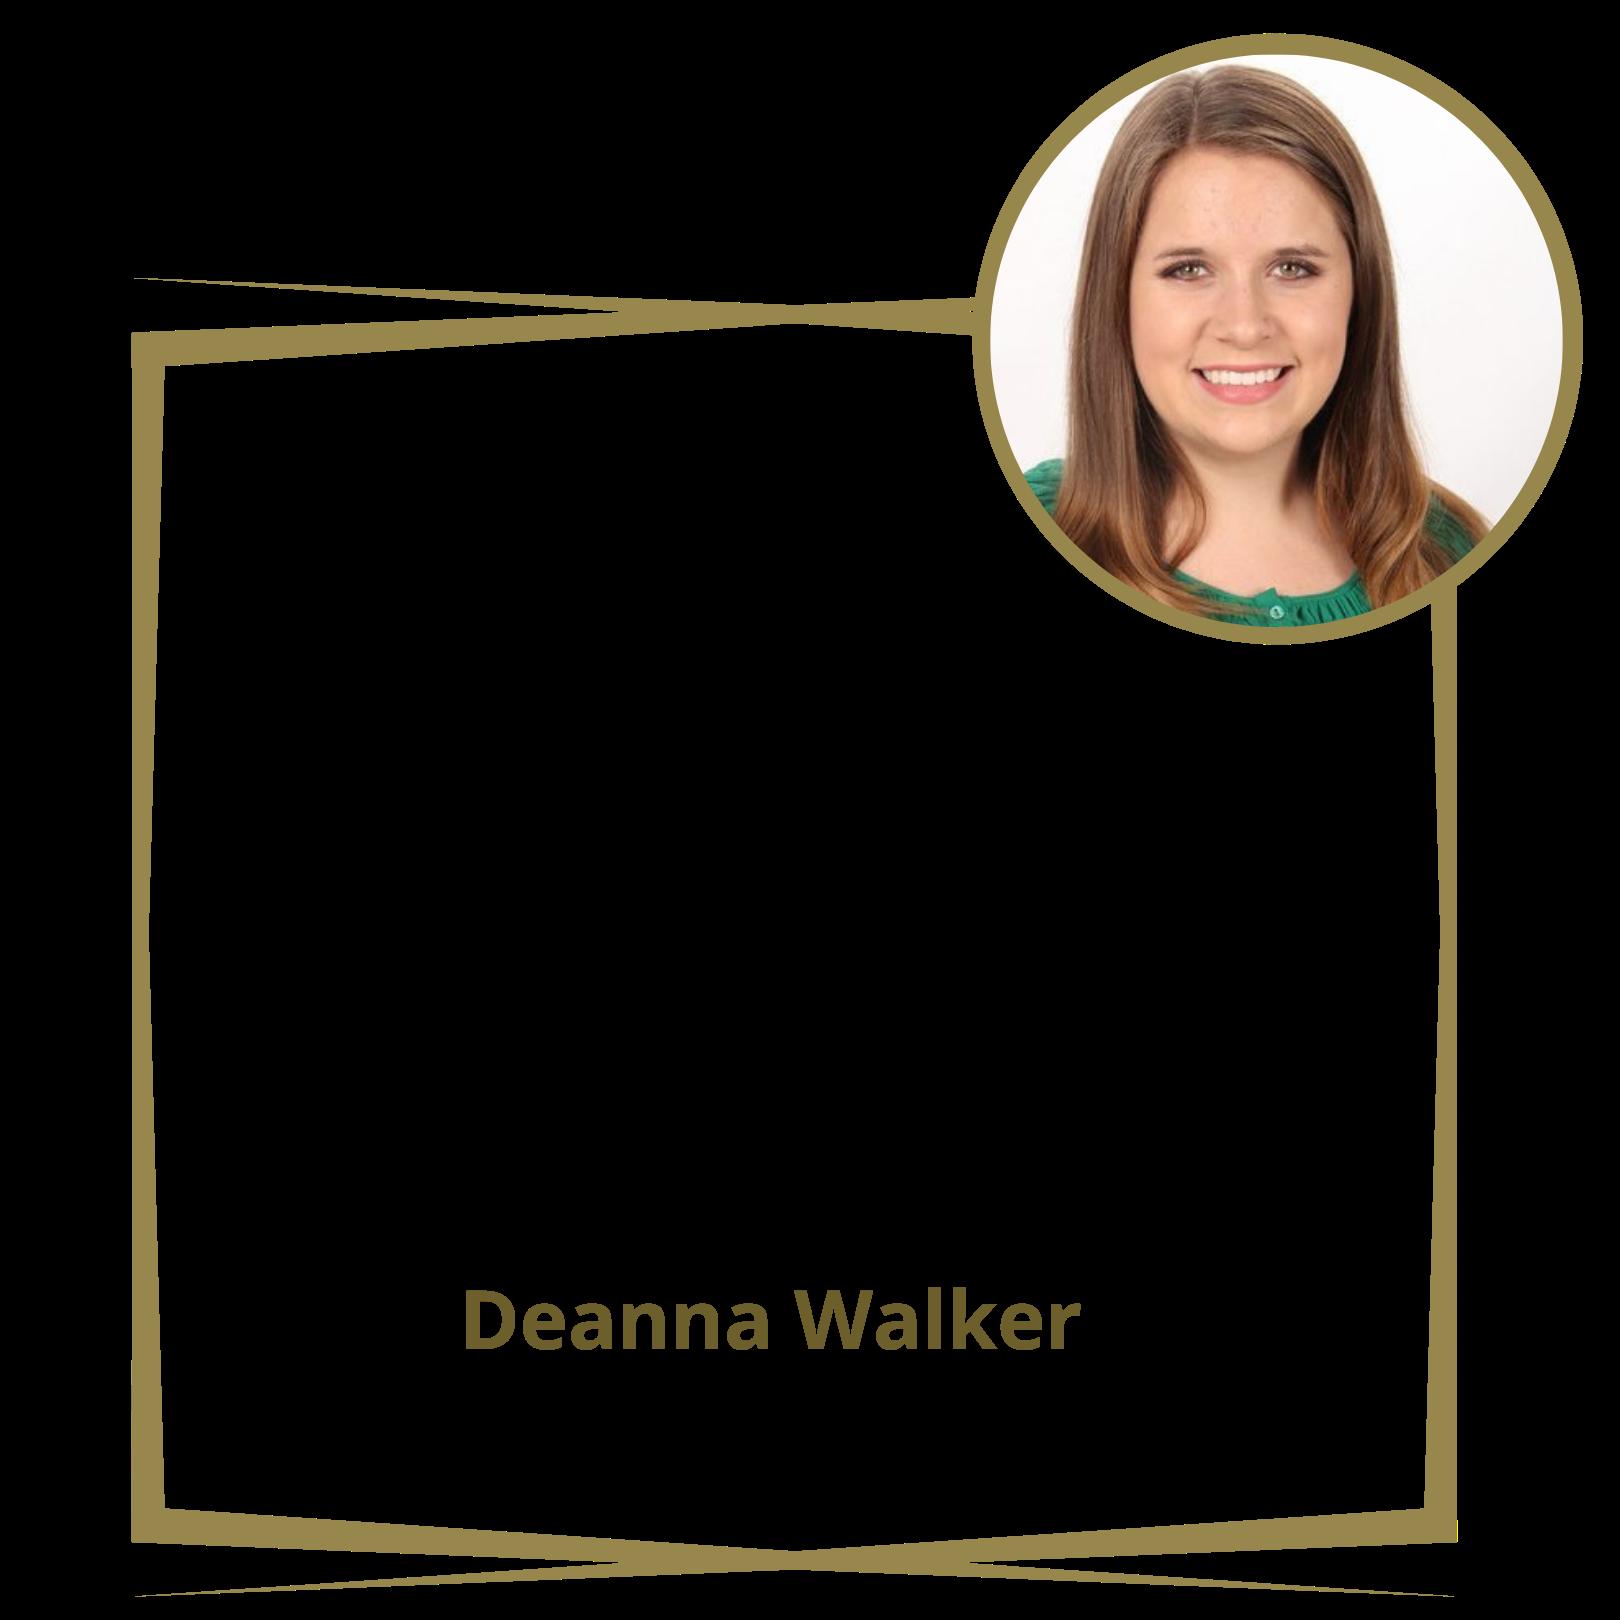 11 - Deanna Walker